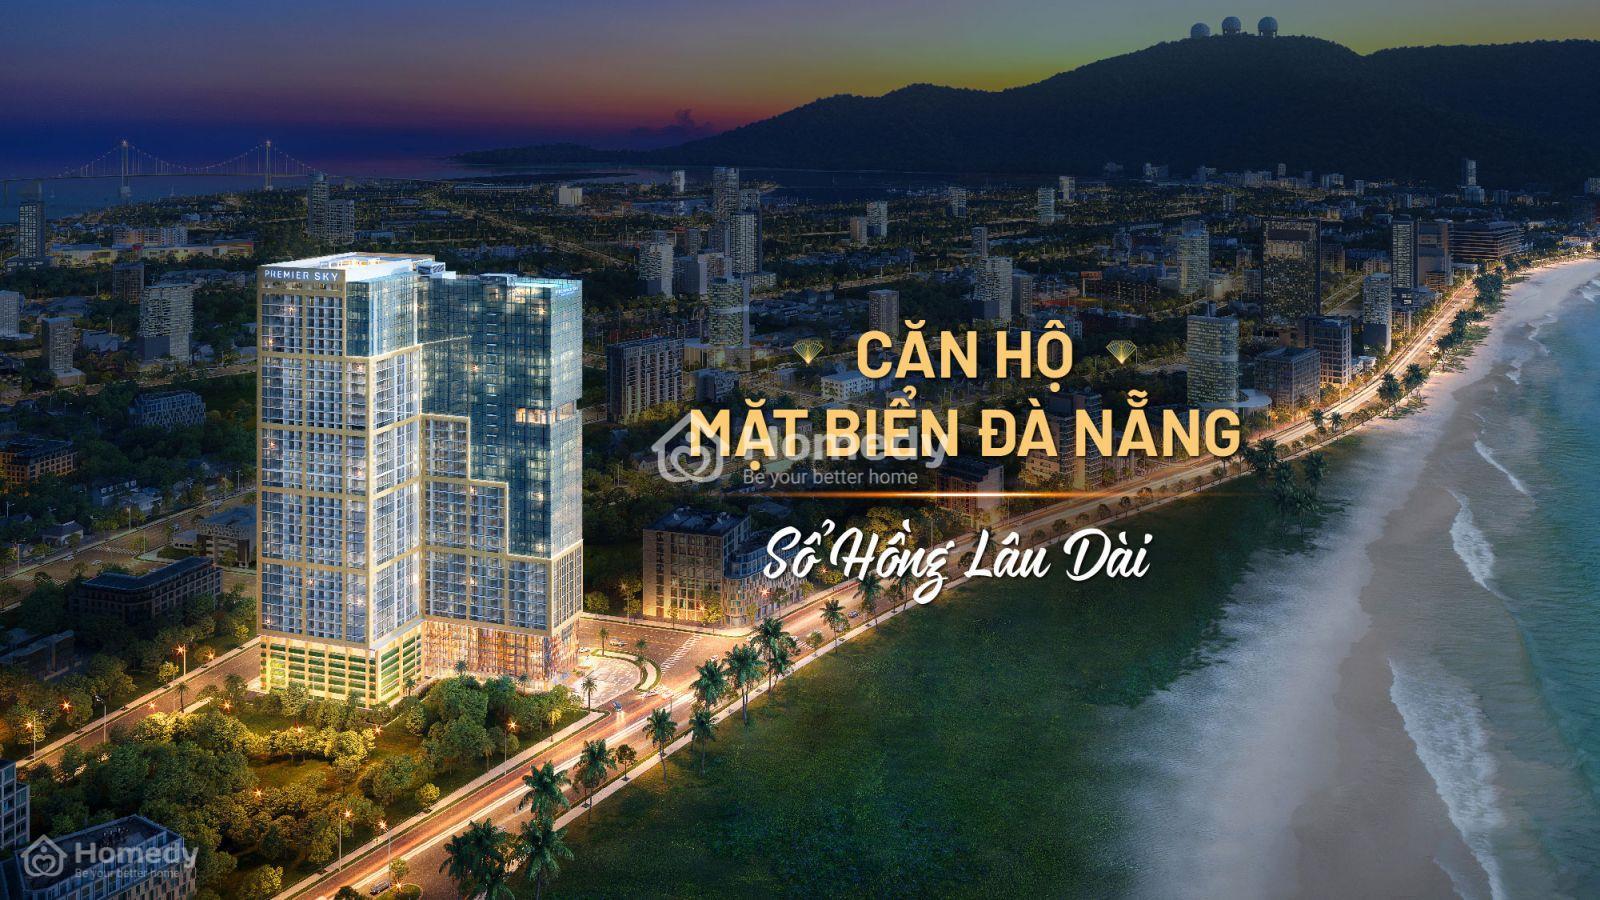 Chung cư Premier Sky Residences Đà Nẵng